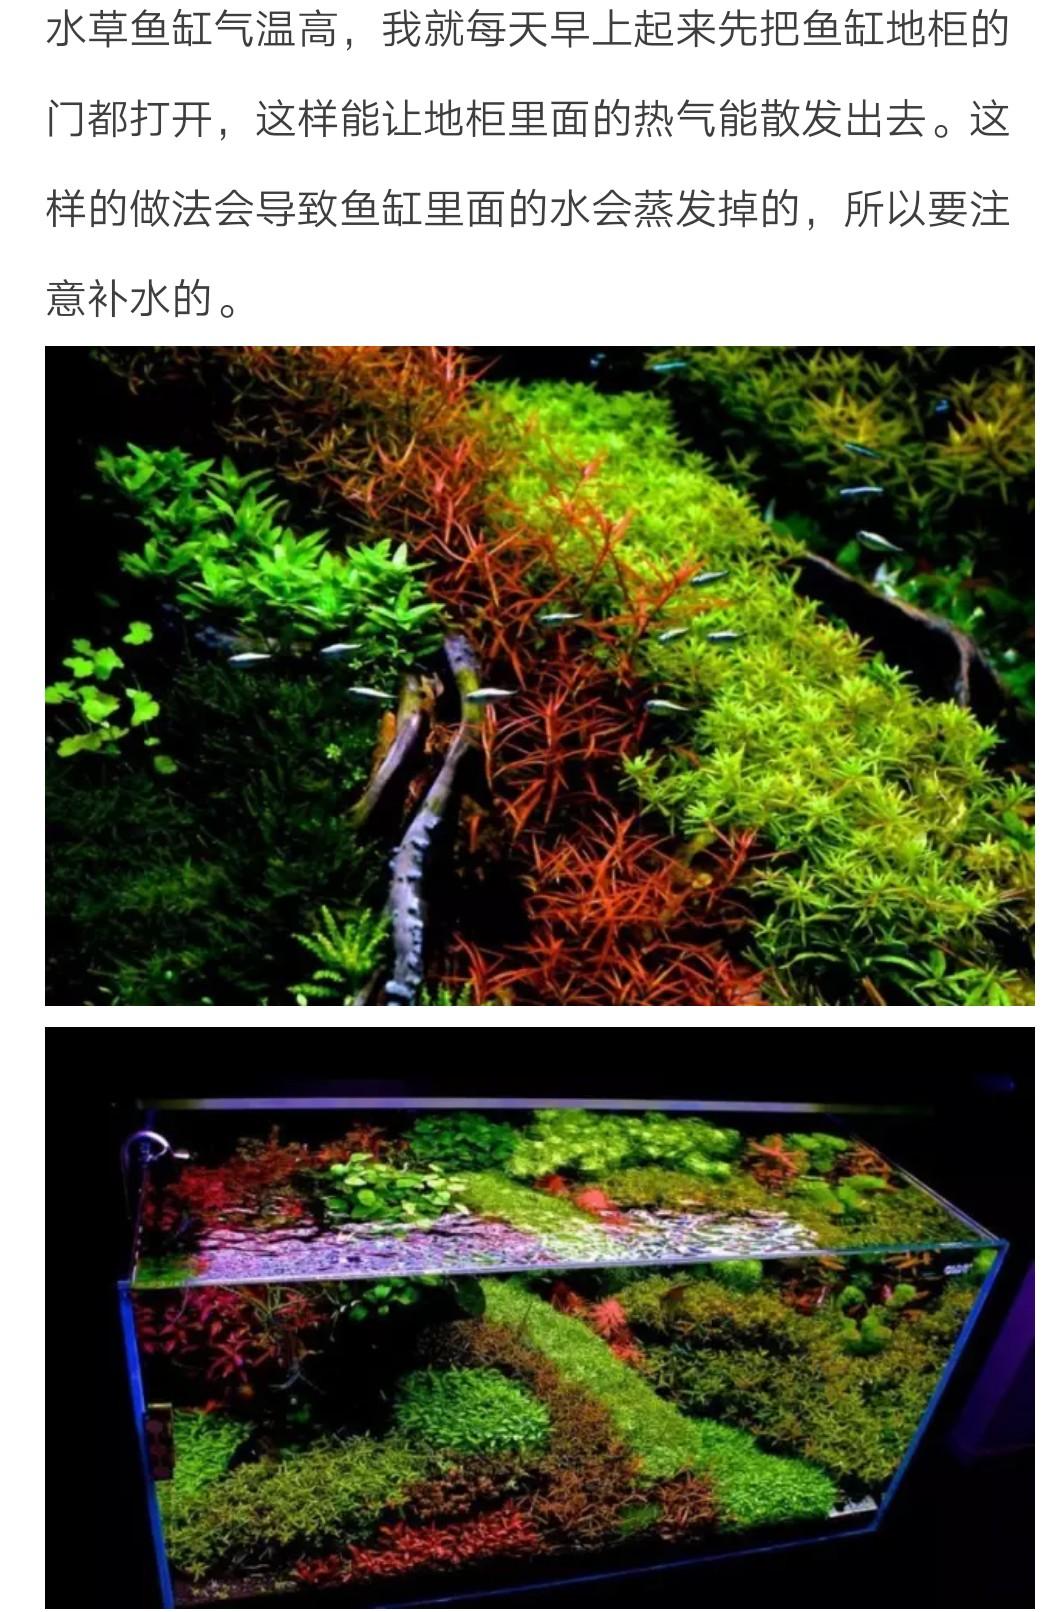 怎样稳定维护好水草缸水质(2) 绵阳龙鱼论坛 绵阳水族批发市场第1张